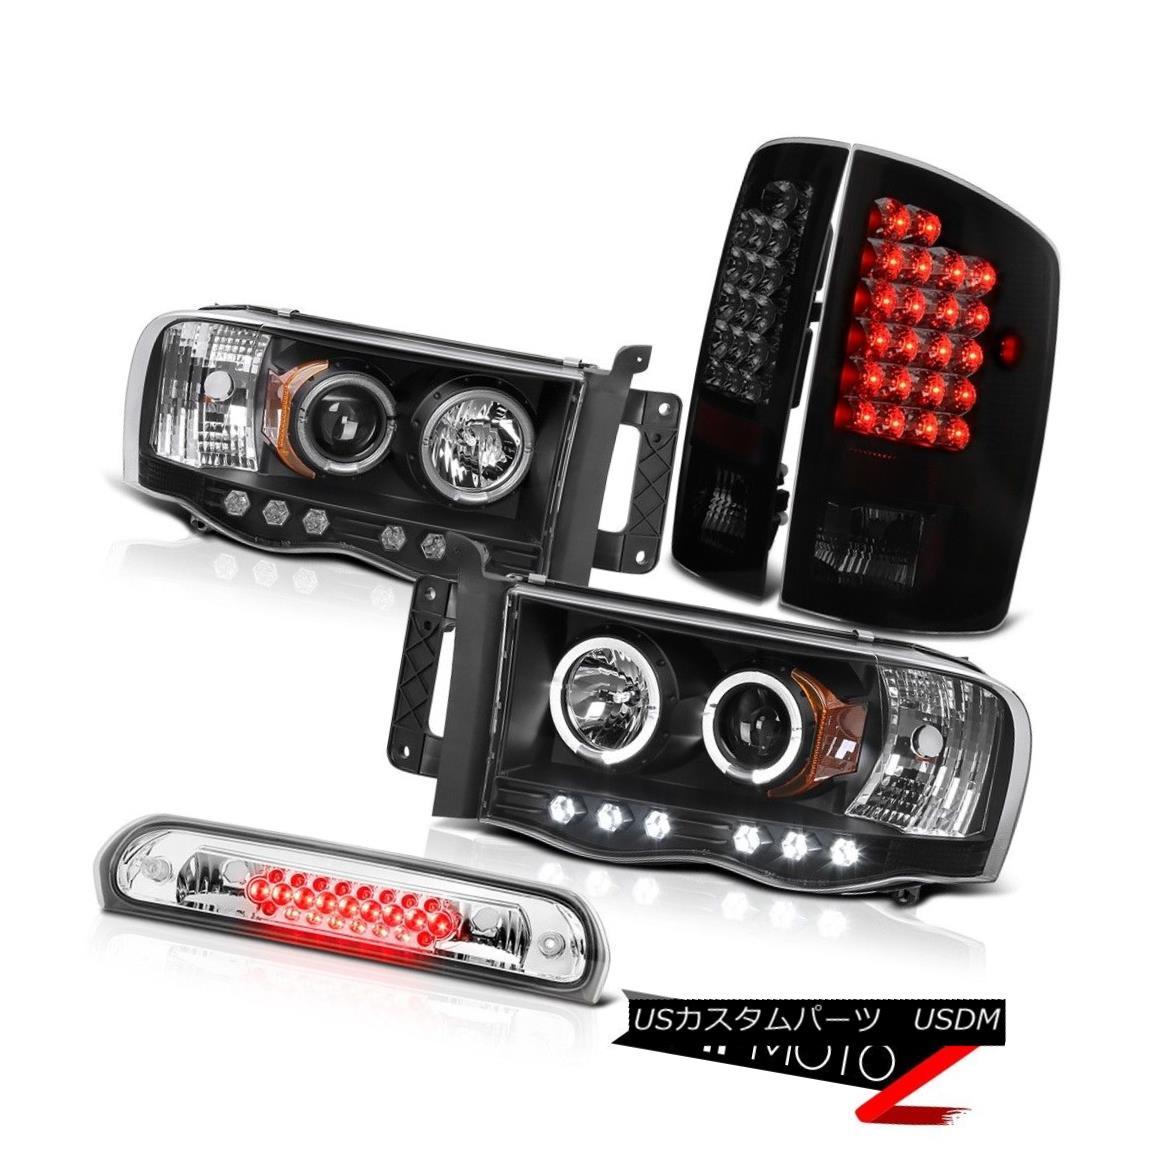 テールライト Angel Eye Projector Headlights Tail Lights Chrome Brake LED 02 03 04 05 Ram 2500 エンジェルアイプロジェクターヘッドライトテールライトクロームブレーキLED 02 03 04 05 Ram 2500